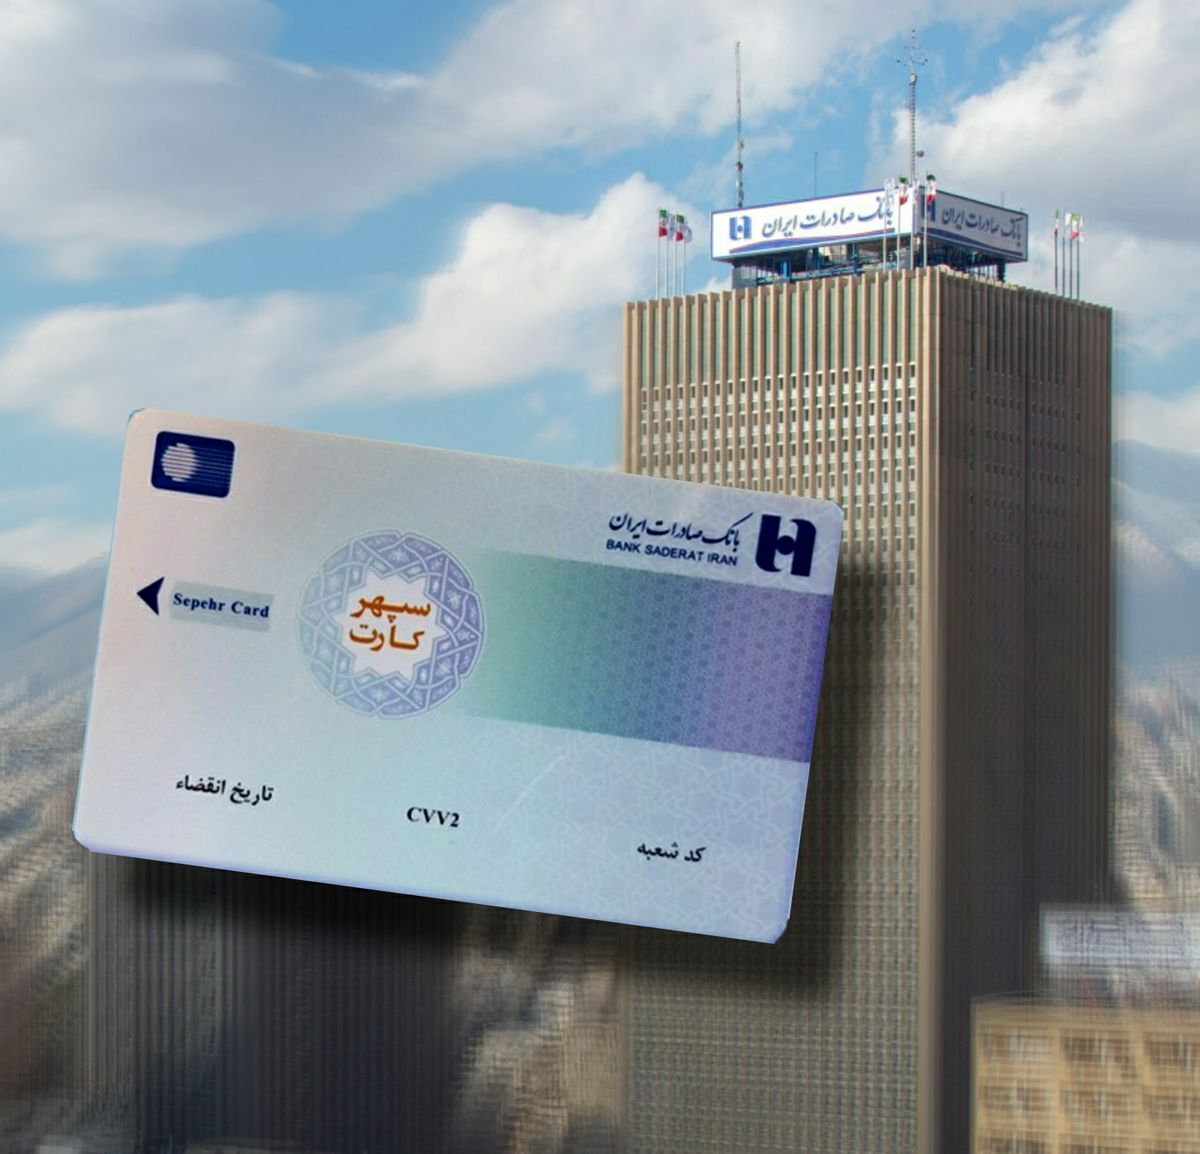 تمدید اعتبار سپهرکارتهای نیمه اول سال ٩٩ بانک صادرات ایران تا ١٤٠٠